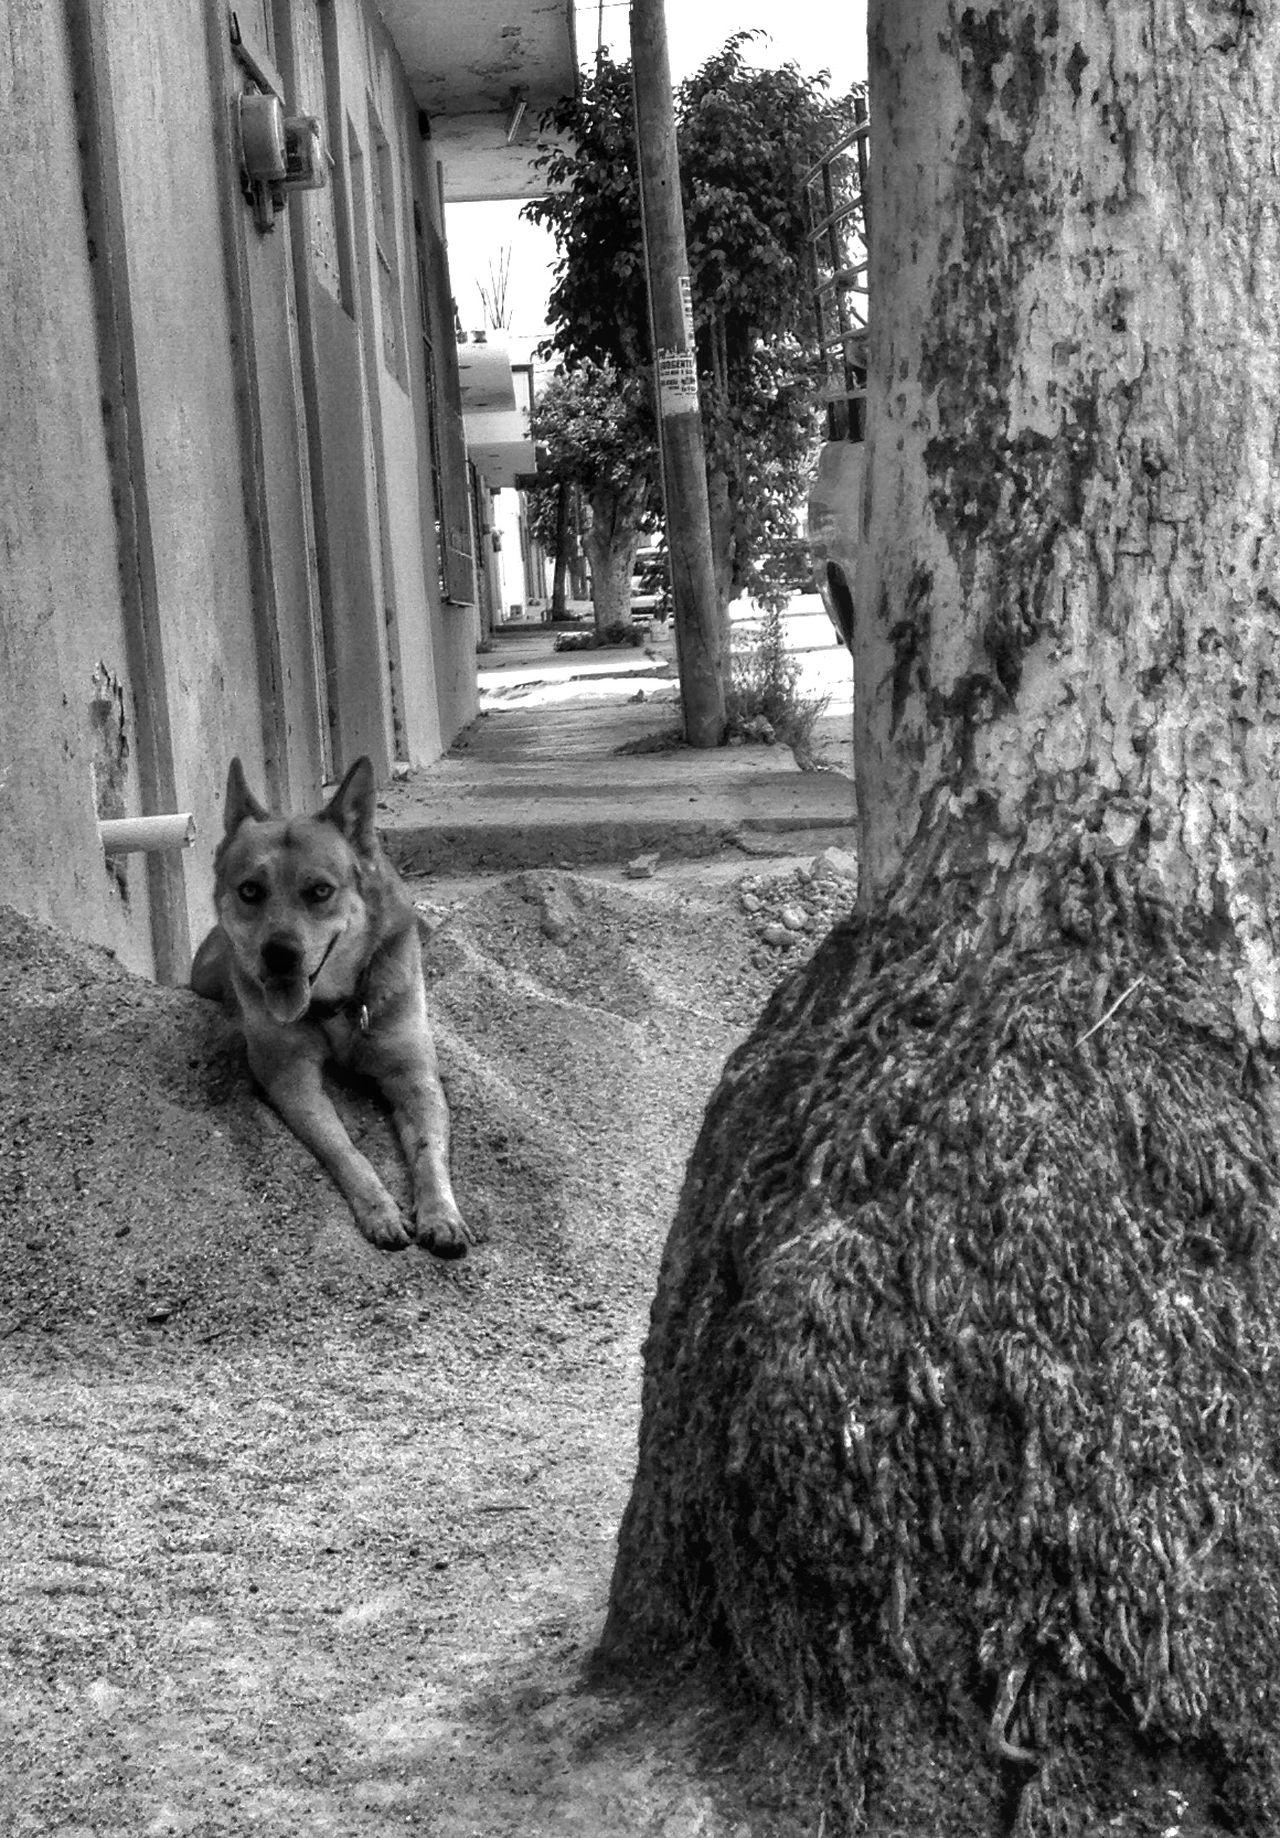 Es domingo y el perro lo sabe (sol, arena & palmera) Streetphotography IPhoneography Urban@ndante Blackandwhite Monochrome